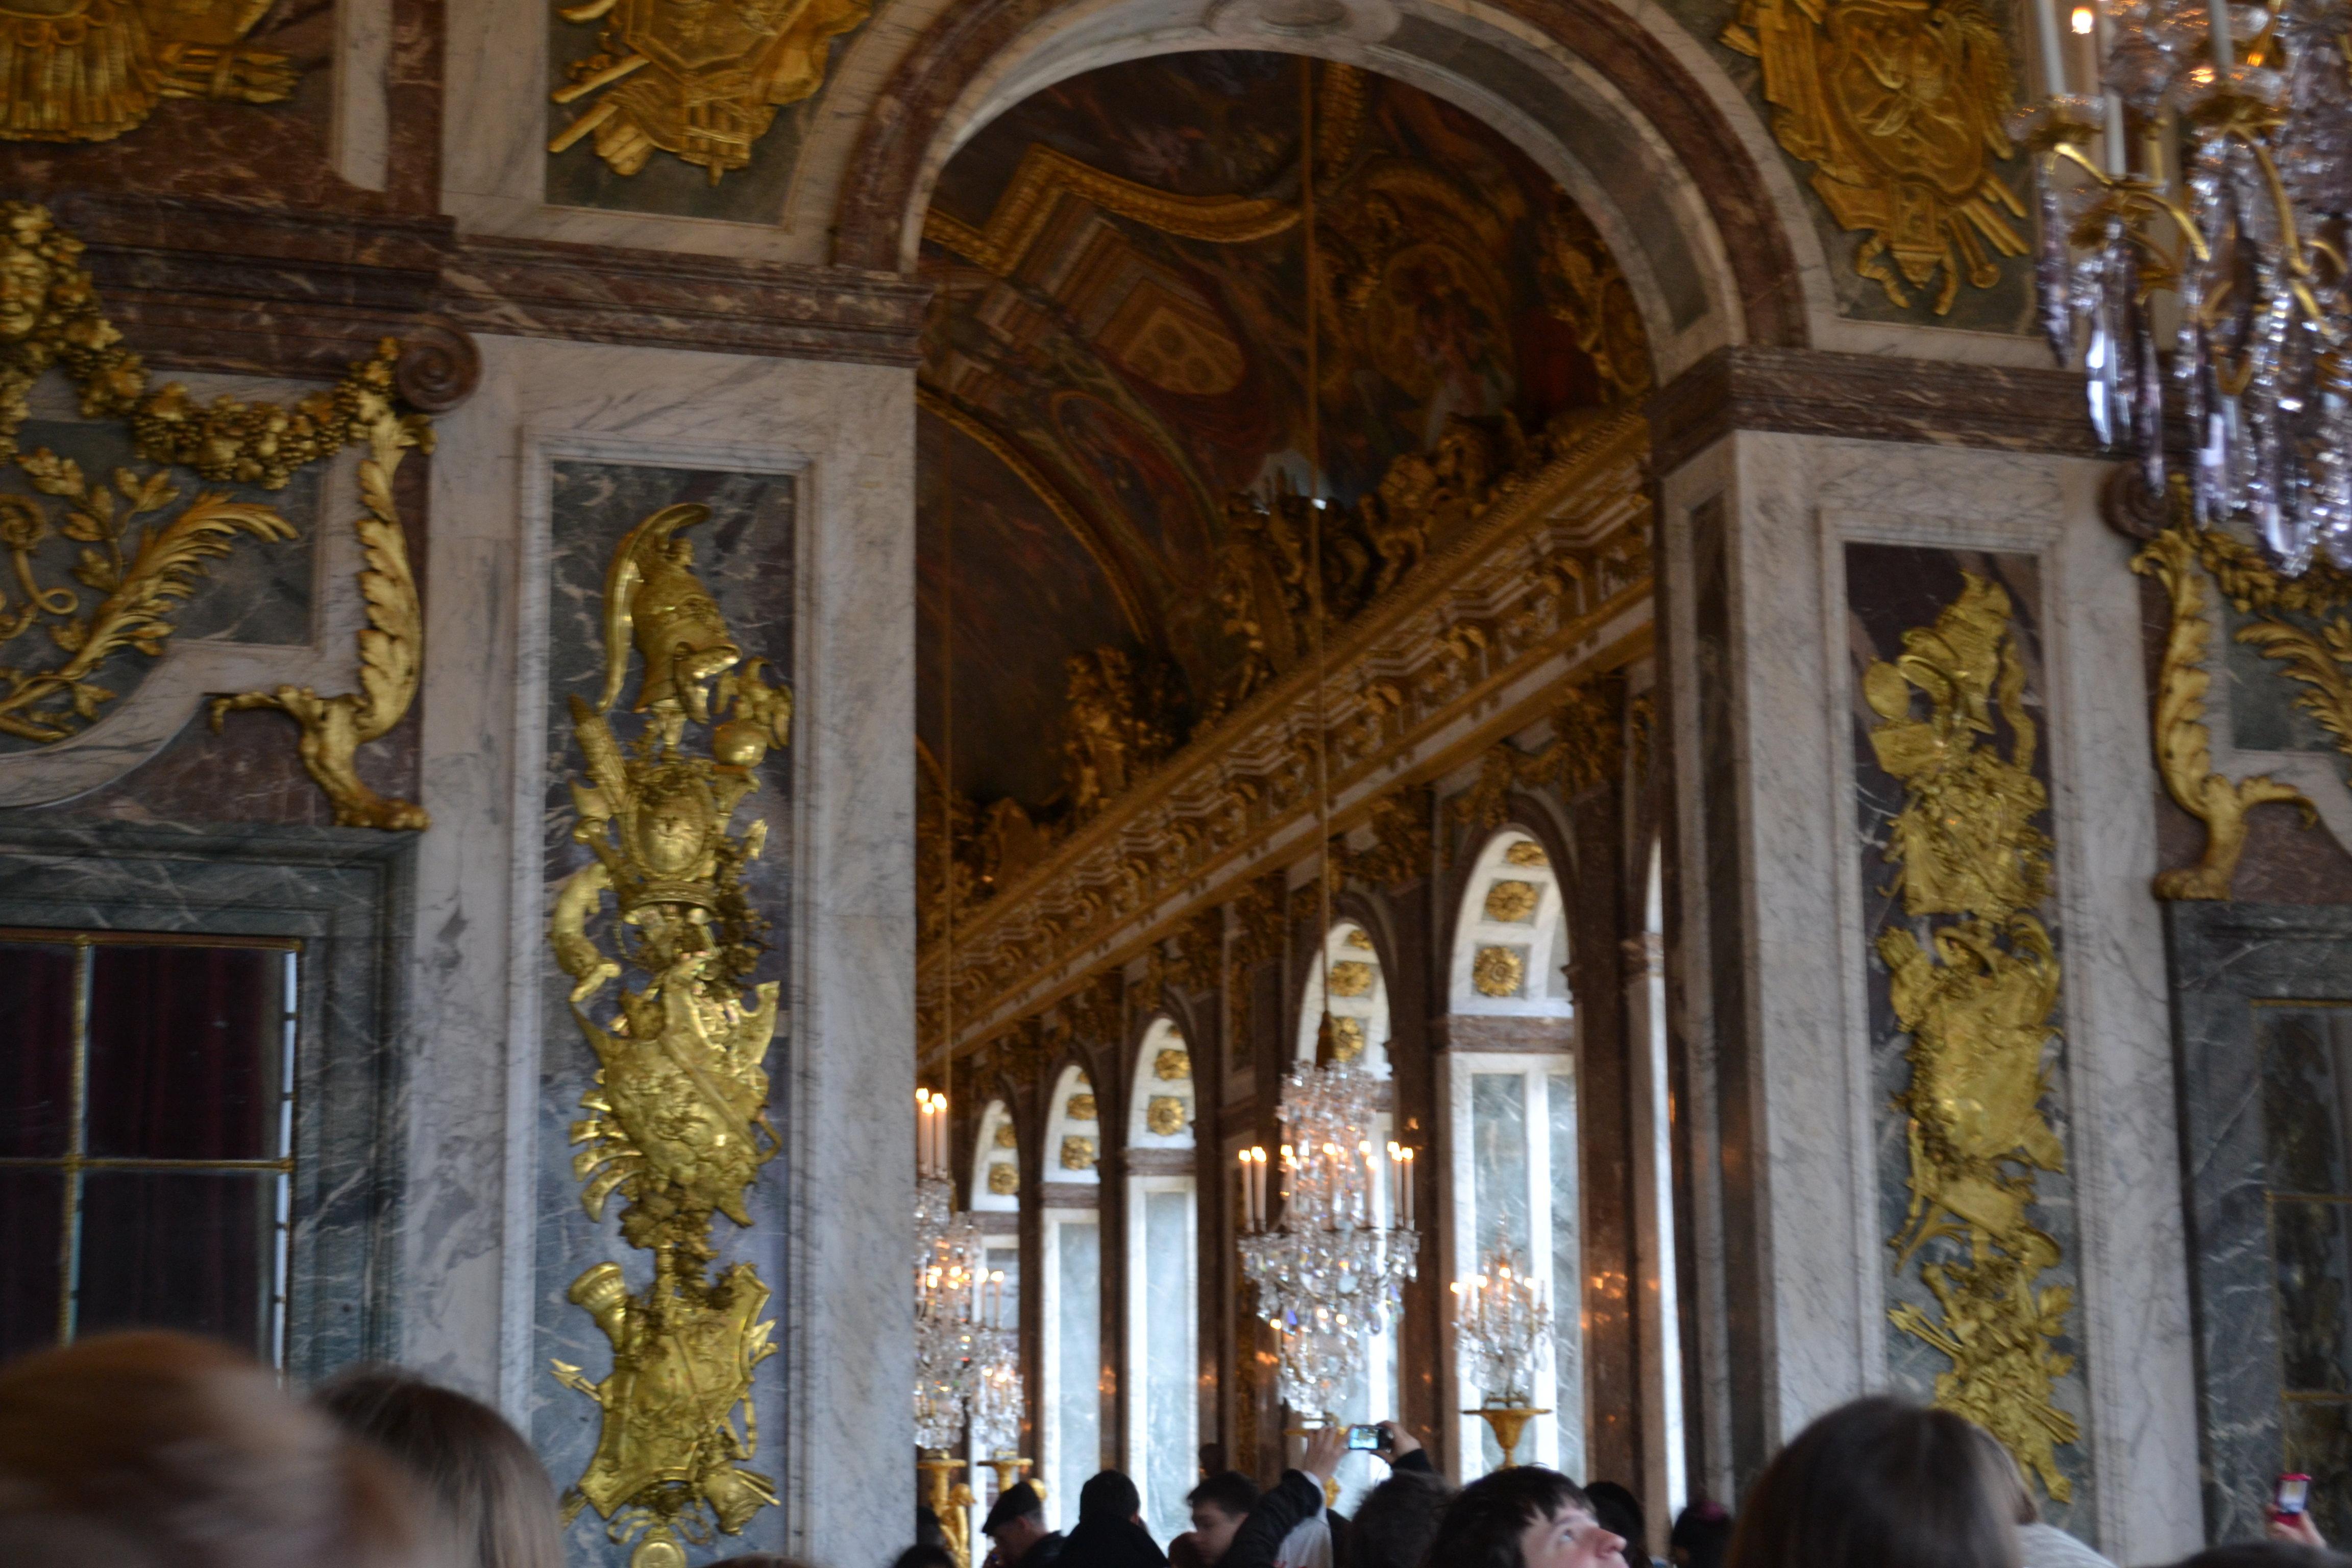 皇宫也就是凡尔赛宫的一部分,这里面积非常大,宫殿图片